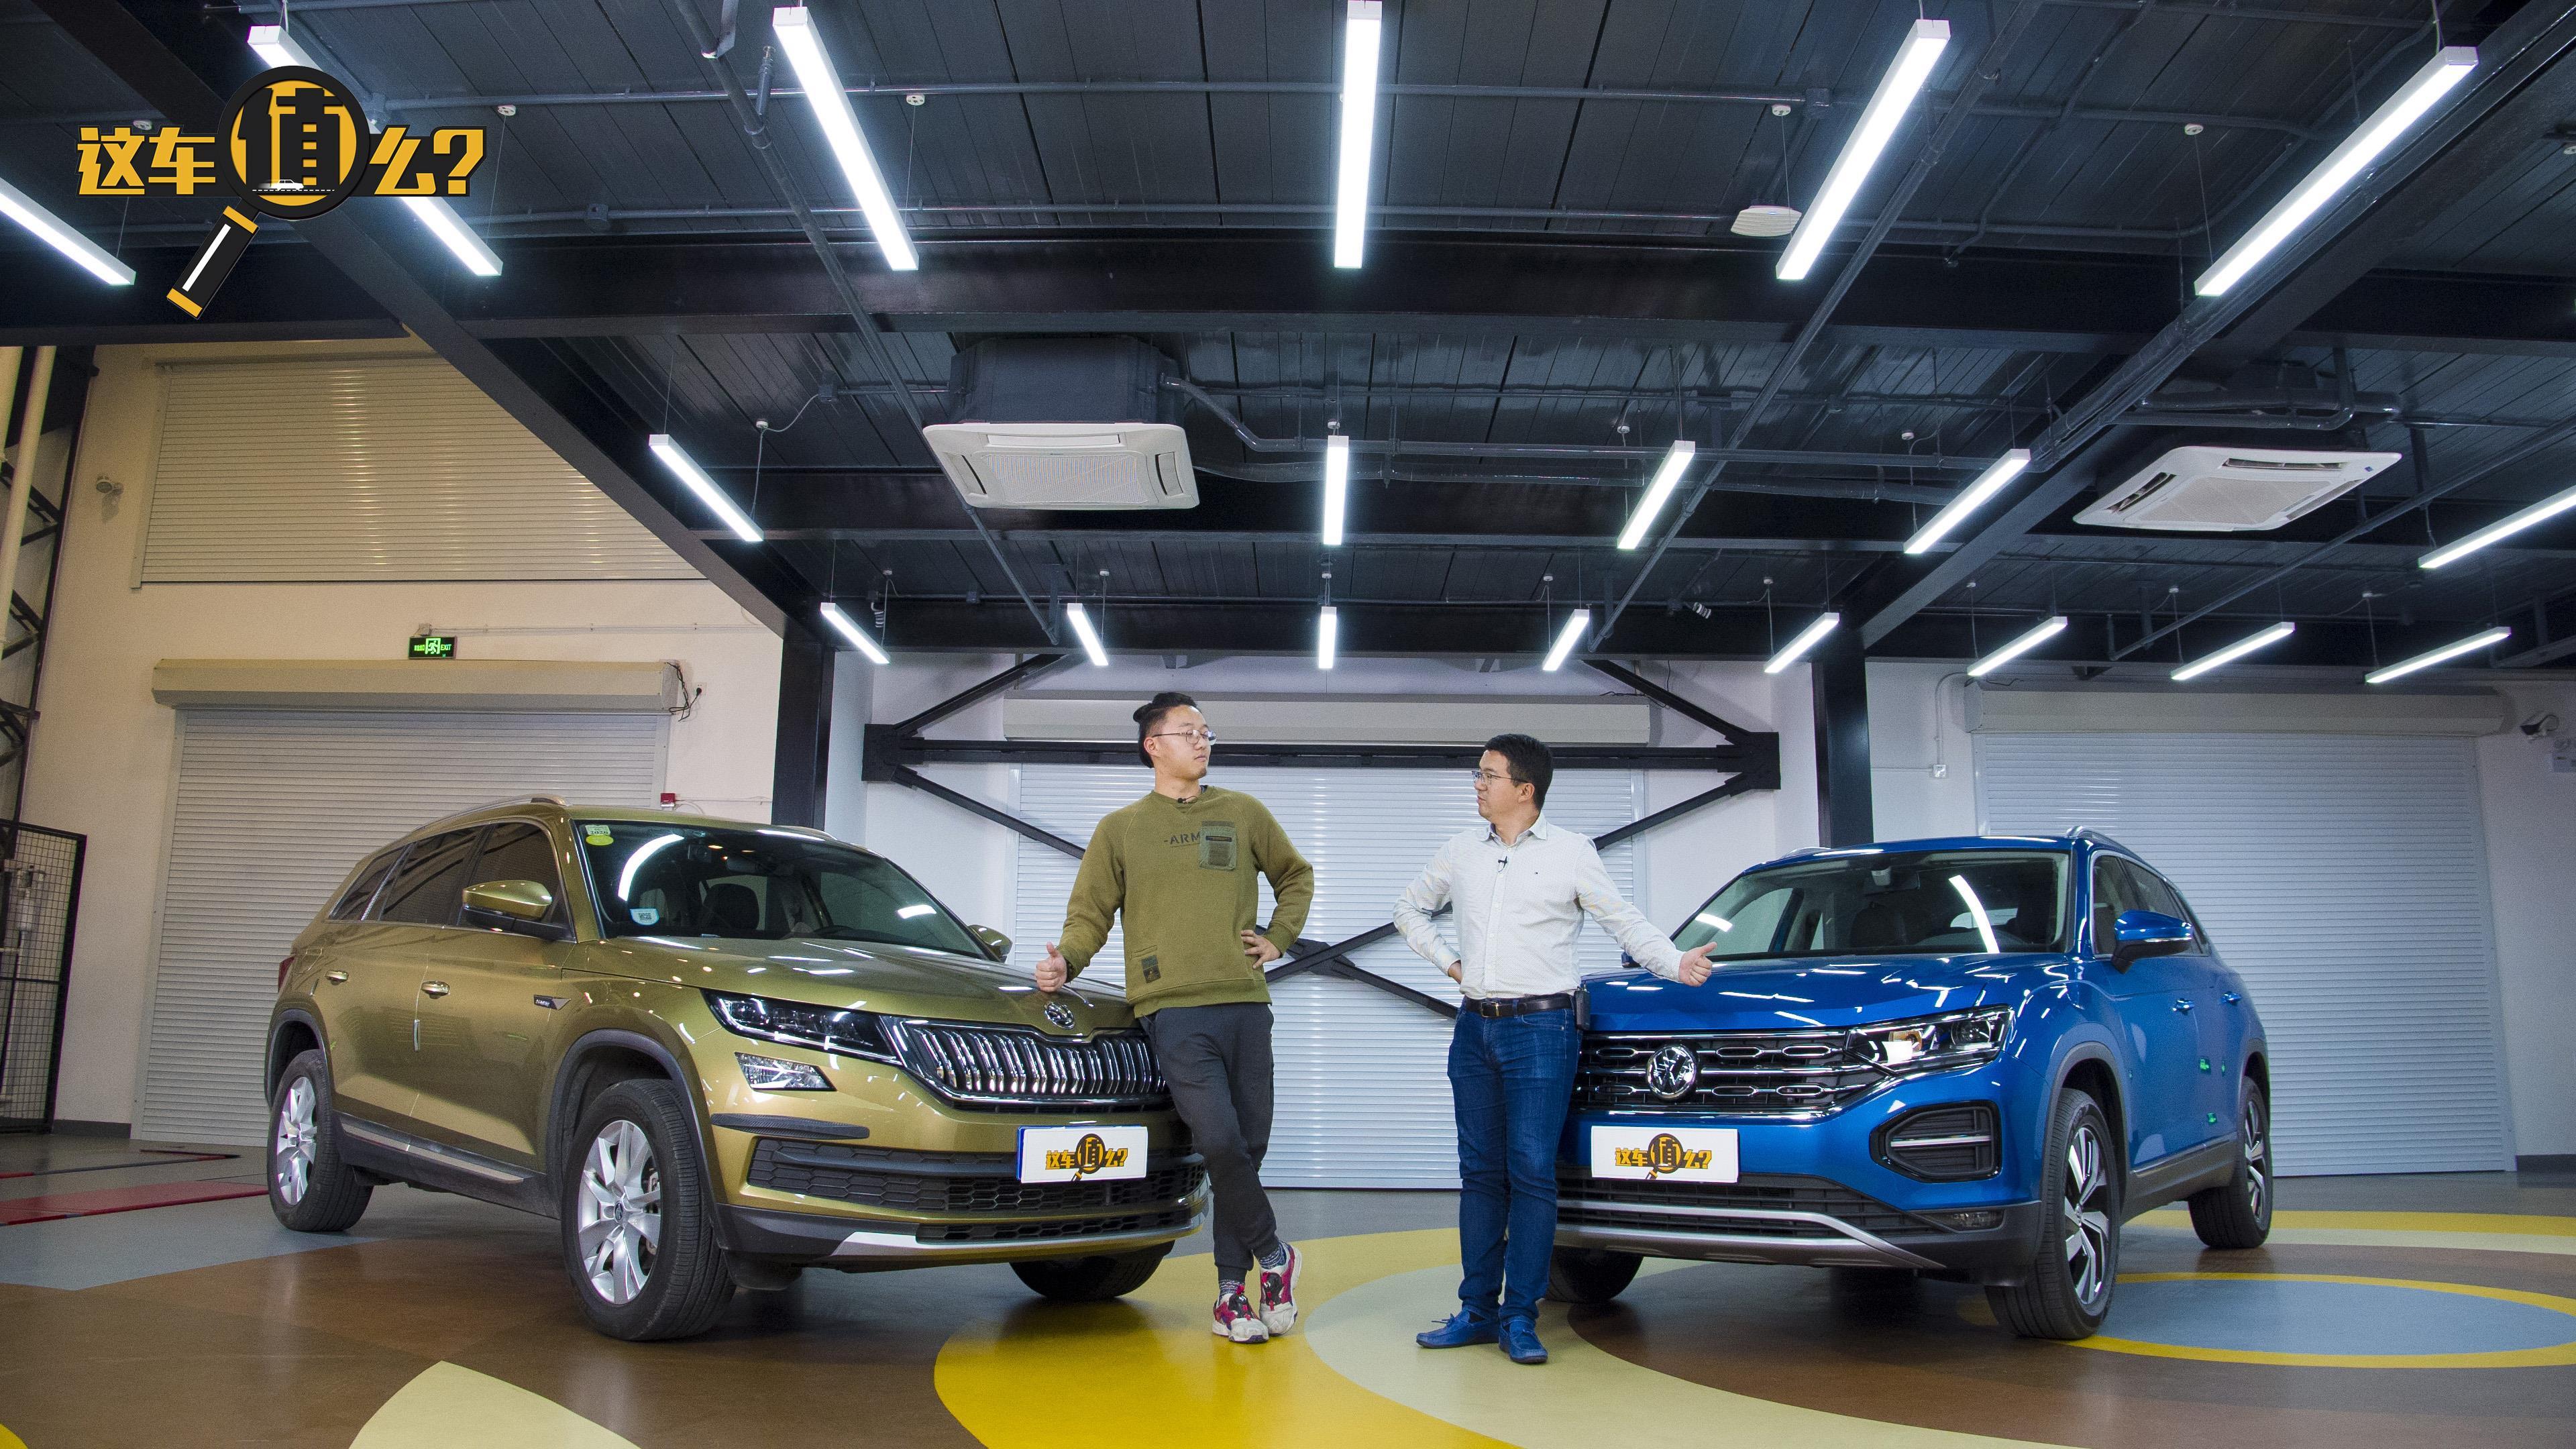 25万落地的德系SUV之争,柯迪亚克和探岳谁更值?